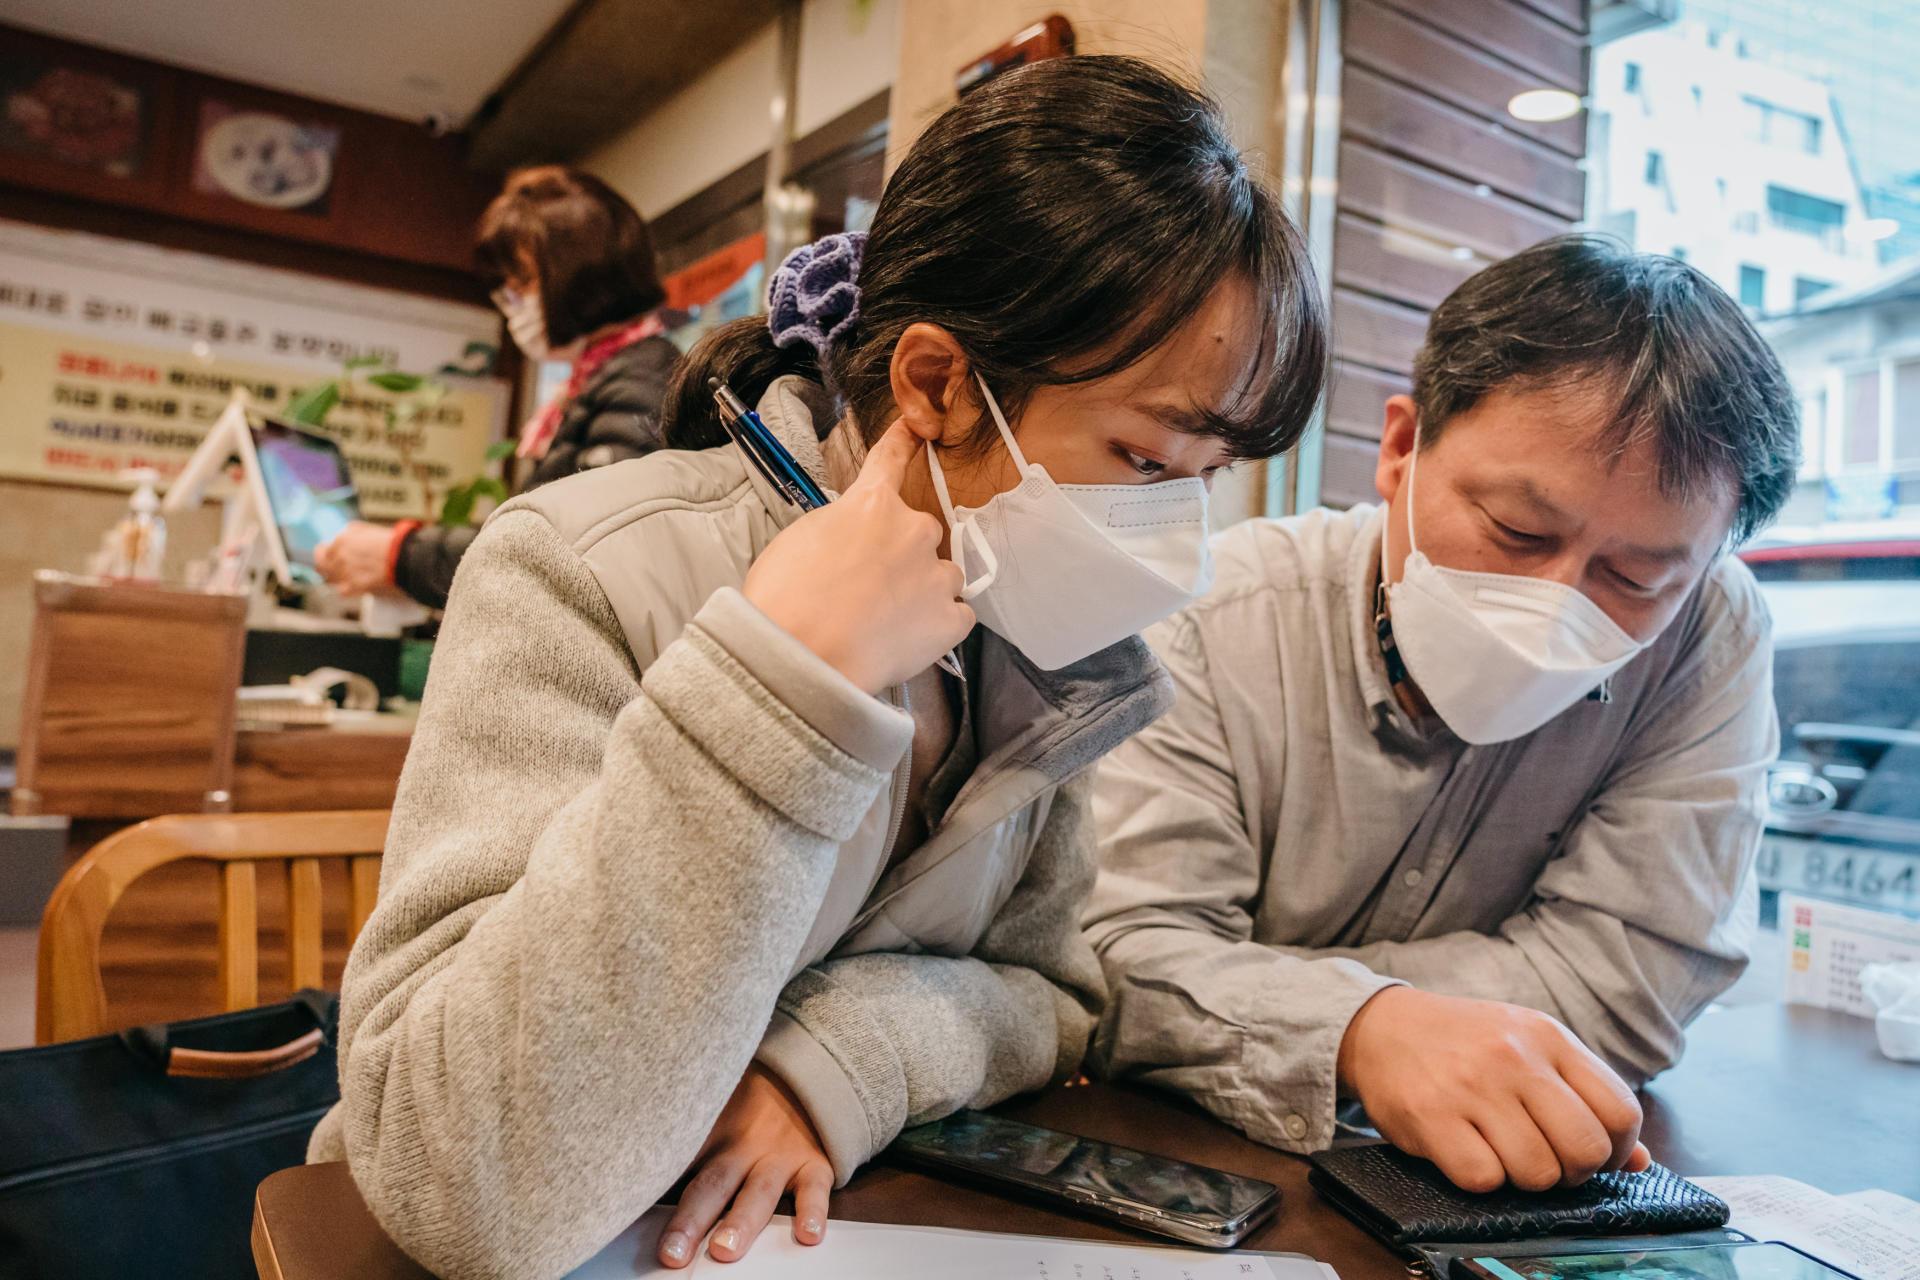 Séoul, le 20 novembre. Les enquêteurs Choi Han-sul et Lim Dong-hyun scrutent les images de vidéosurveillance d'un restaurant du quartier de Seocho, sur le téléphone du propriétaire. Ils tentent de retracer le parcours d'un client, malade du Covid-19, qui a déjeuné là avec un ami quelques jours auparavant.